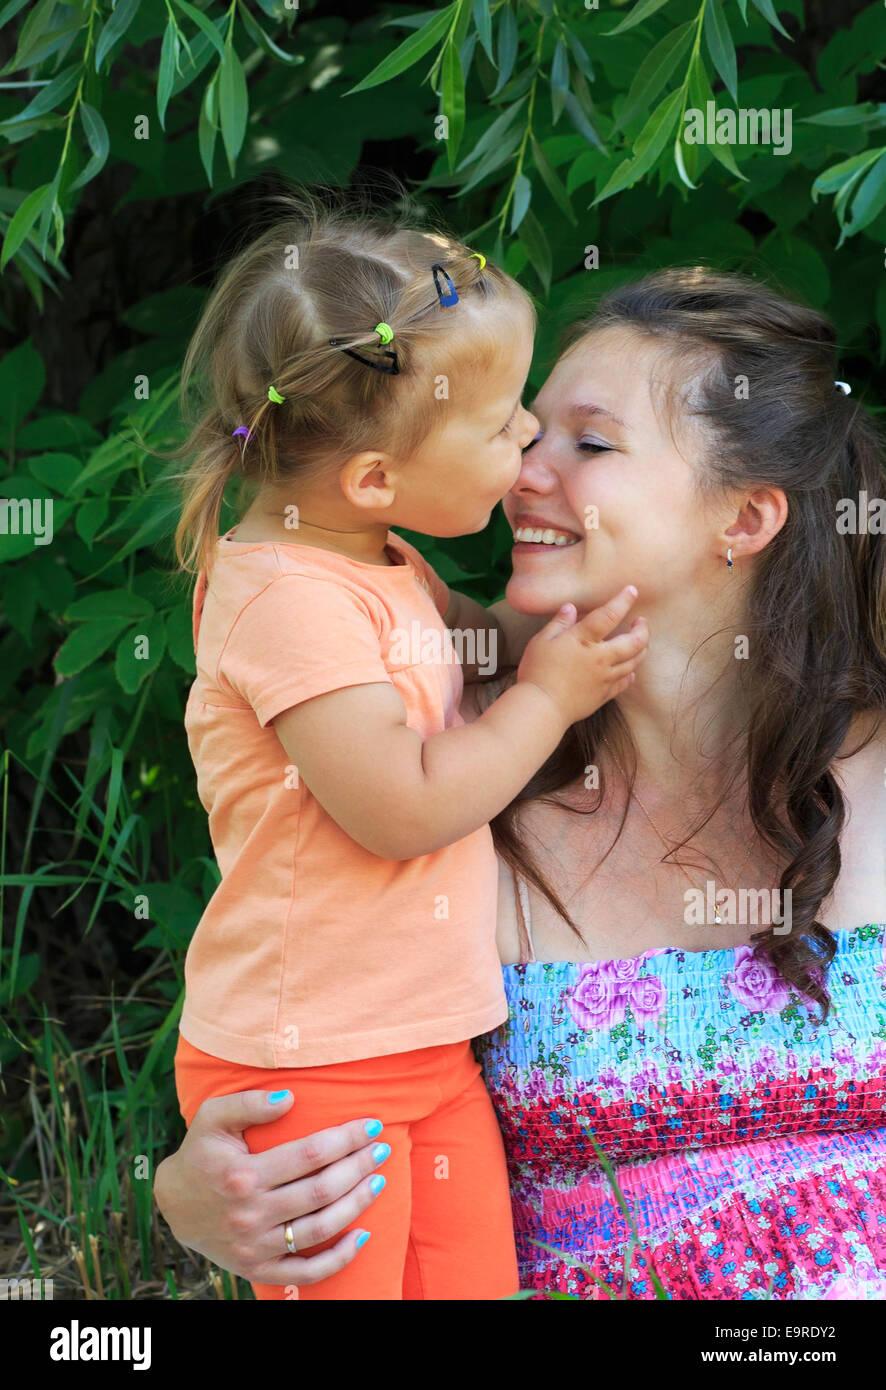 Little girl tenderly kisses and hugs mother. - Stock Image